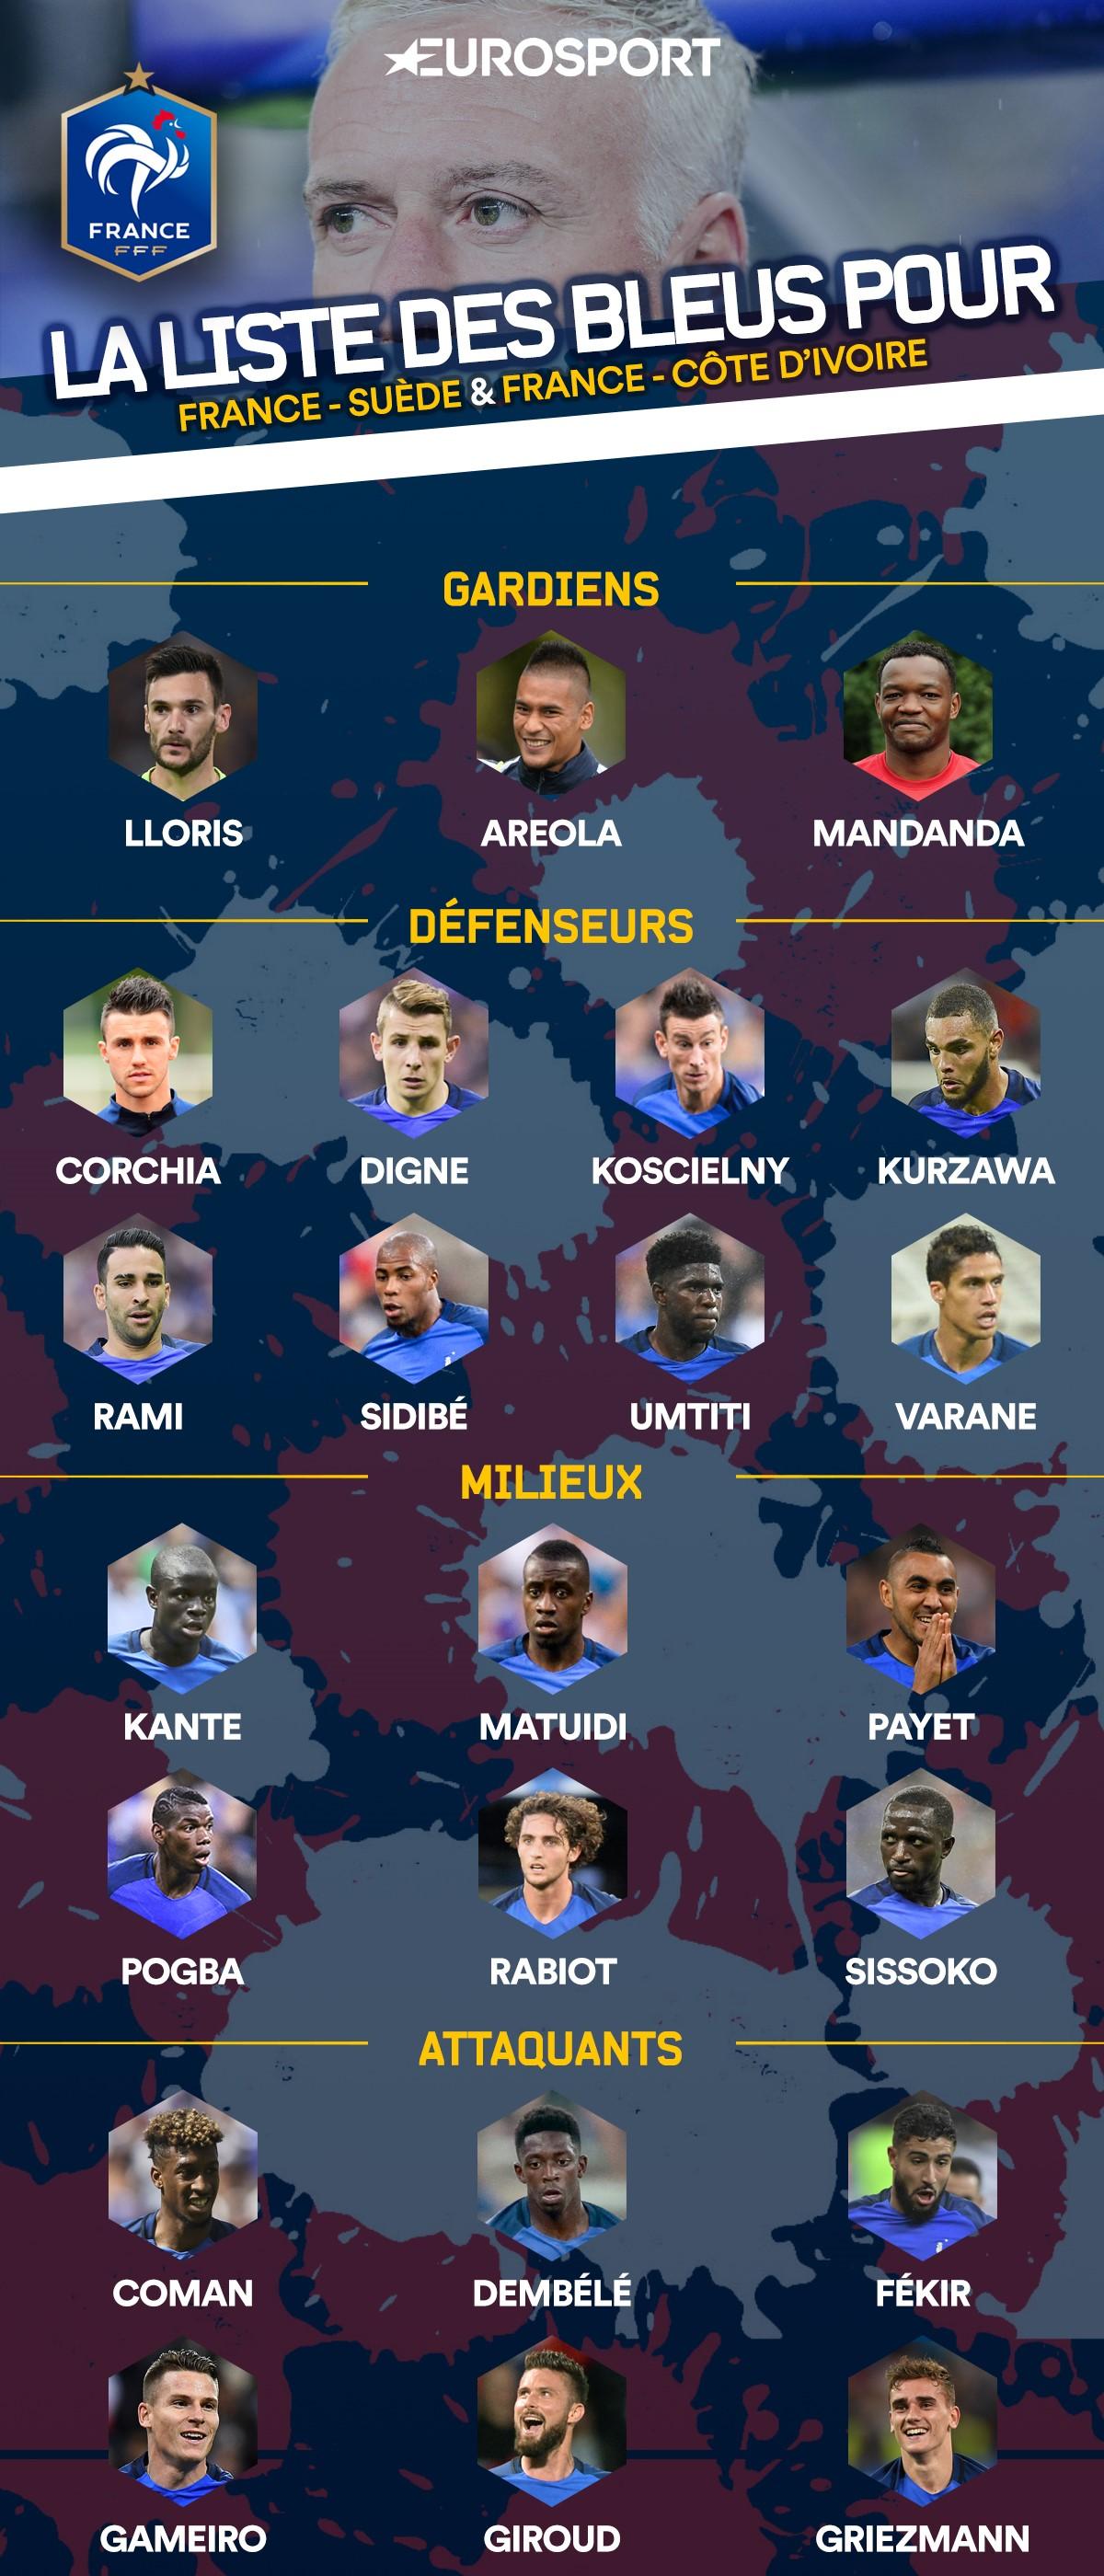 Bleus rabiot convoqu rami de retour martial absent qualif coupe du monde uefa 2018 - Liste des coupes du monde ...